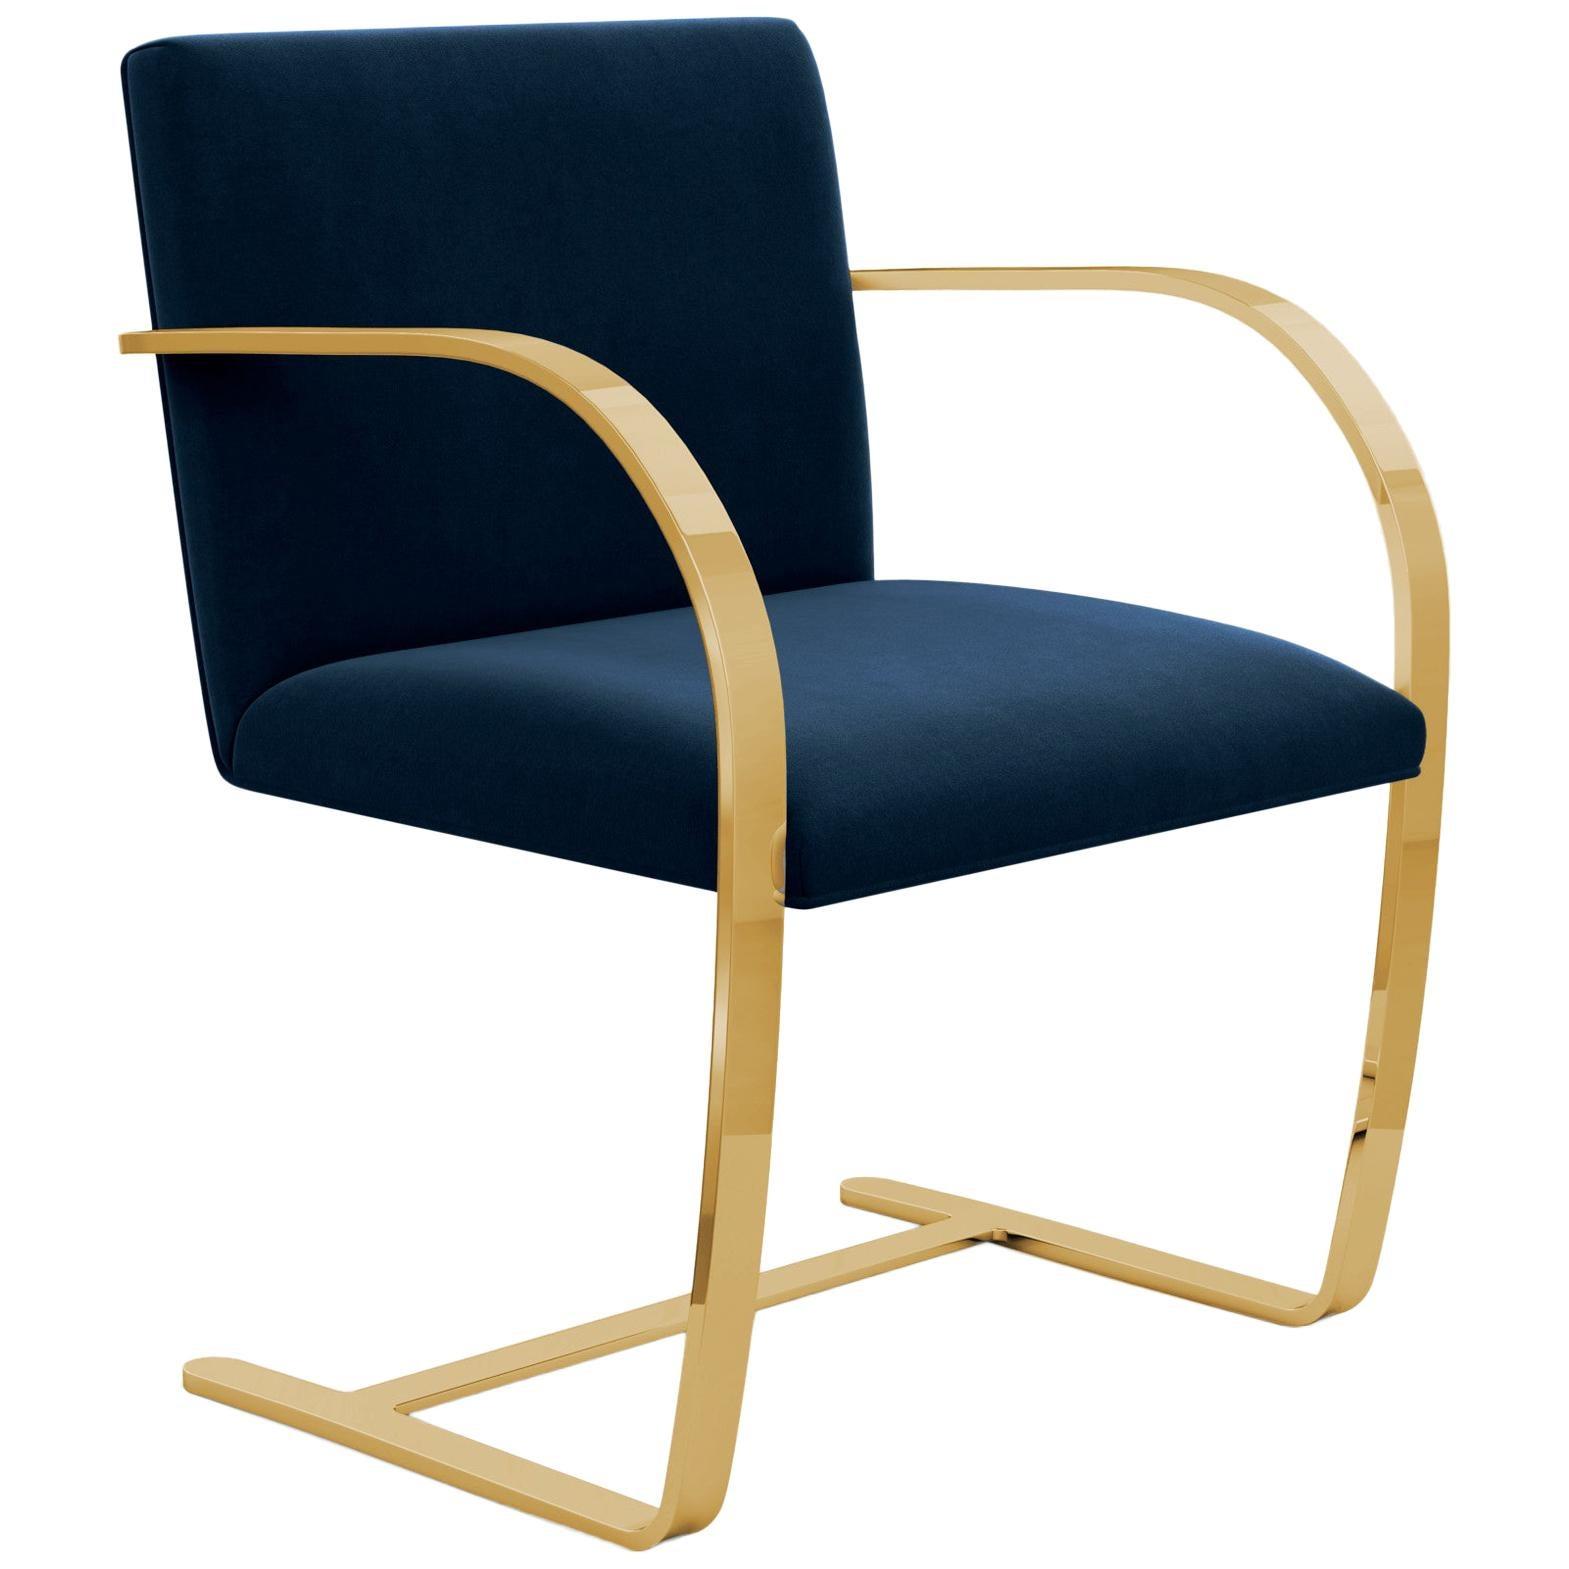 Flat Bar Brno Arm Chair, Knoll Velvet/Aviator Upholstery & Gold Frame